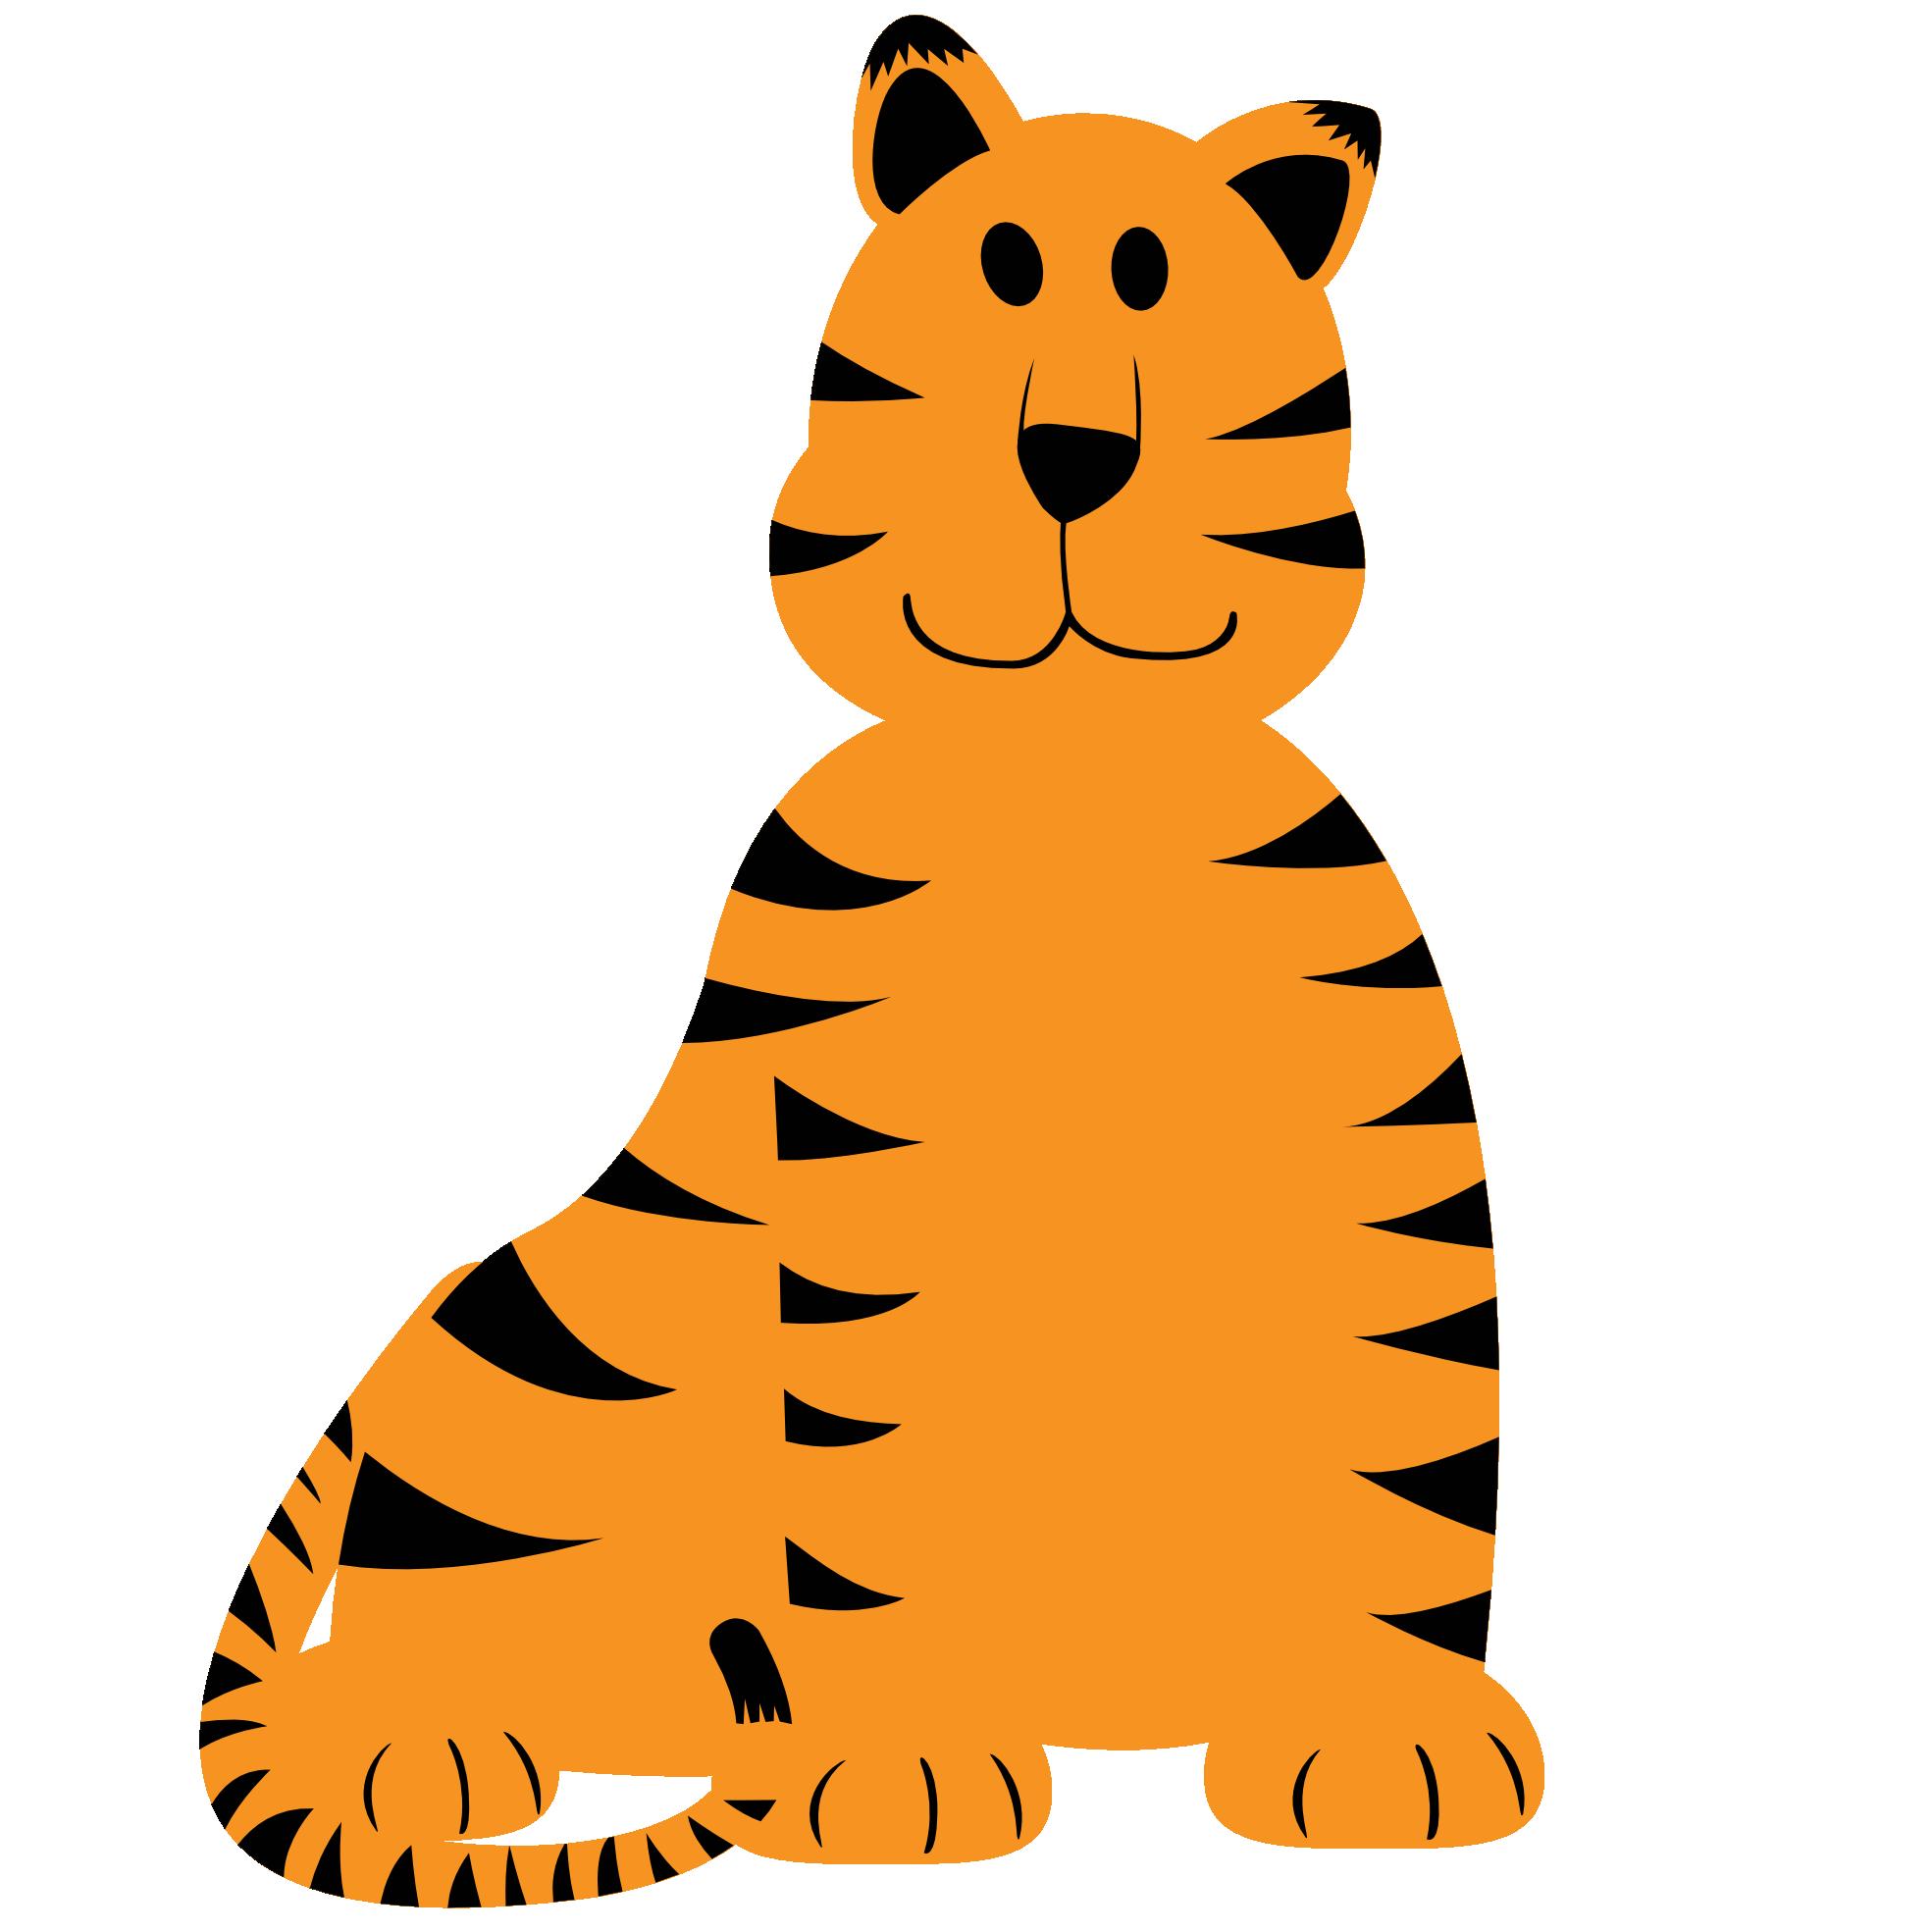 Stuffed Animals Clip Art - ClipArt Best